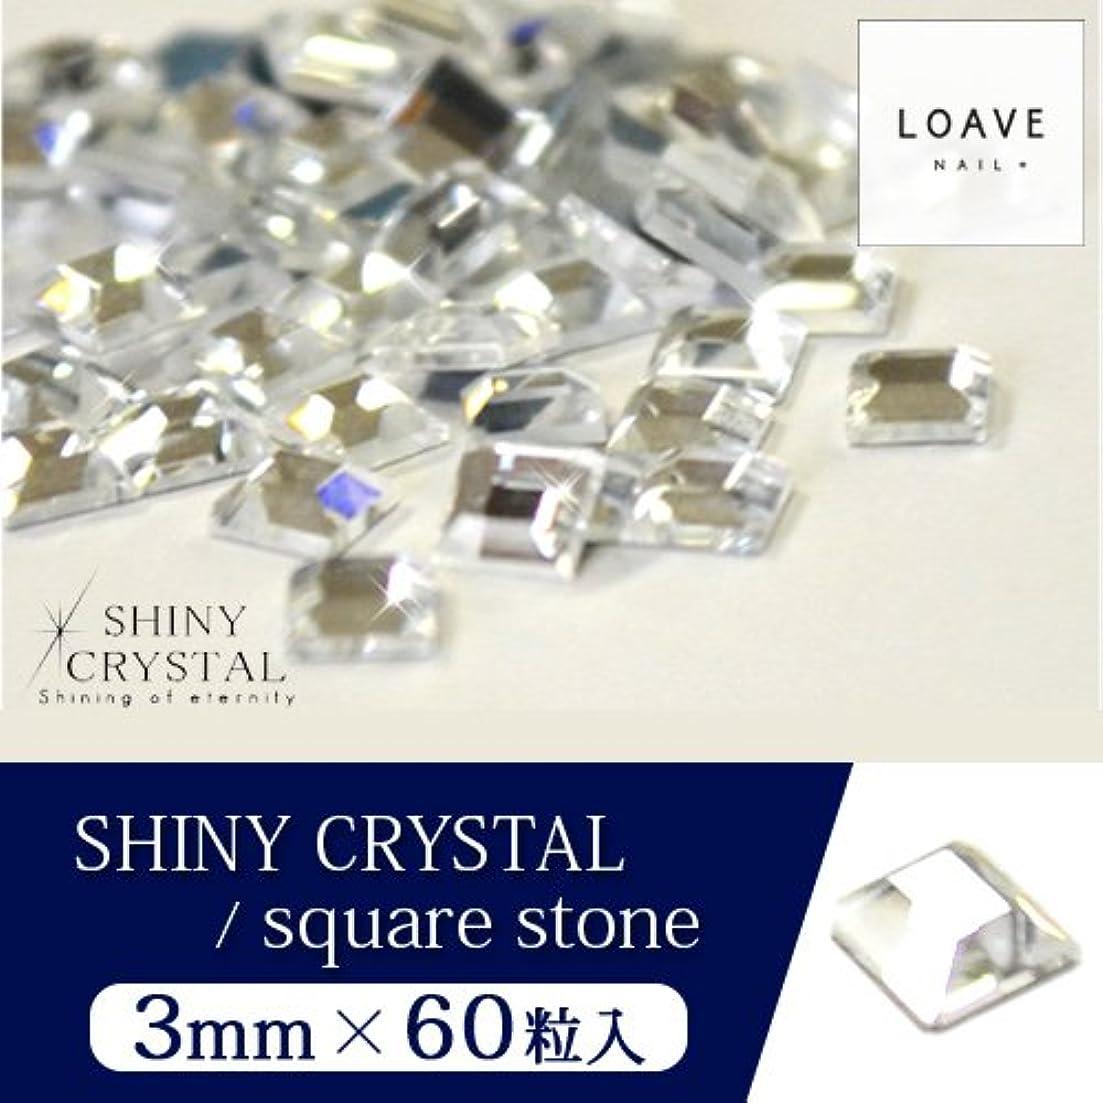 オセアニア脊椎サルベージシャイニークリスタル(SHINY CRYSTAL) ラインストーン 「スクエア クリスタル 3mm」 スワロフスキーに限りなく近い輝き!